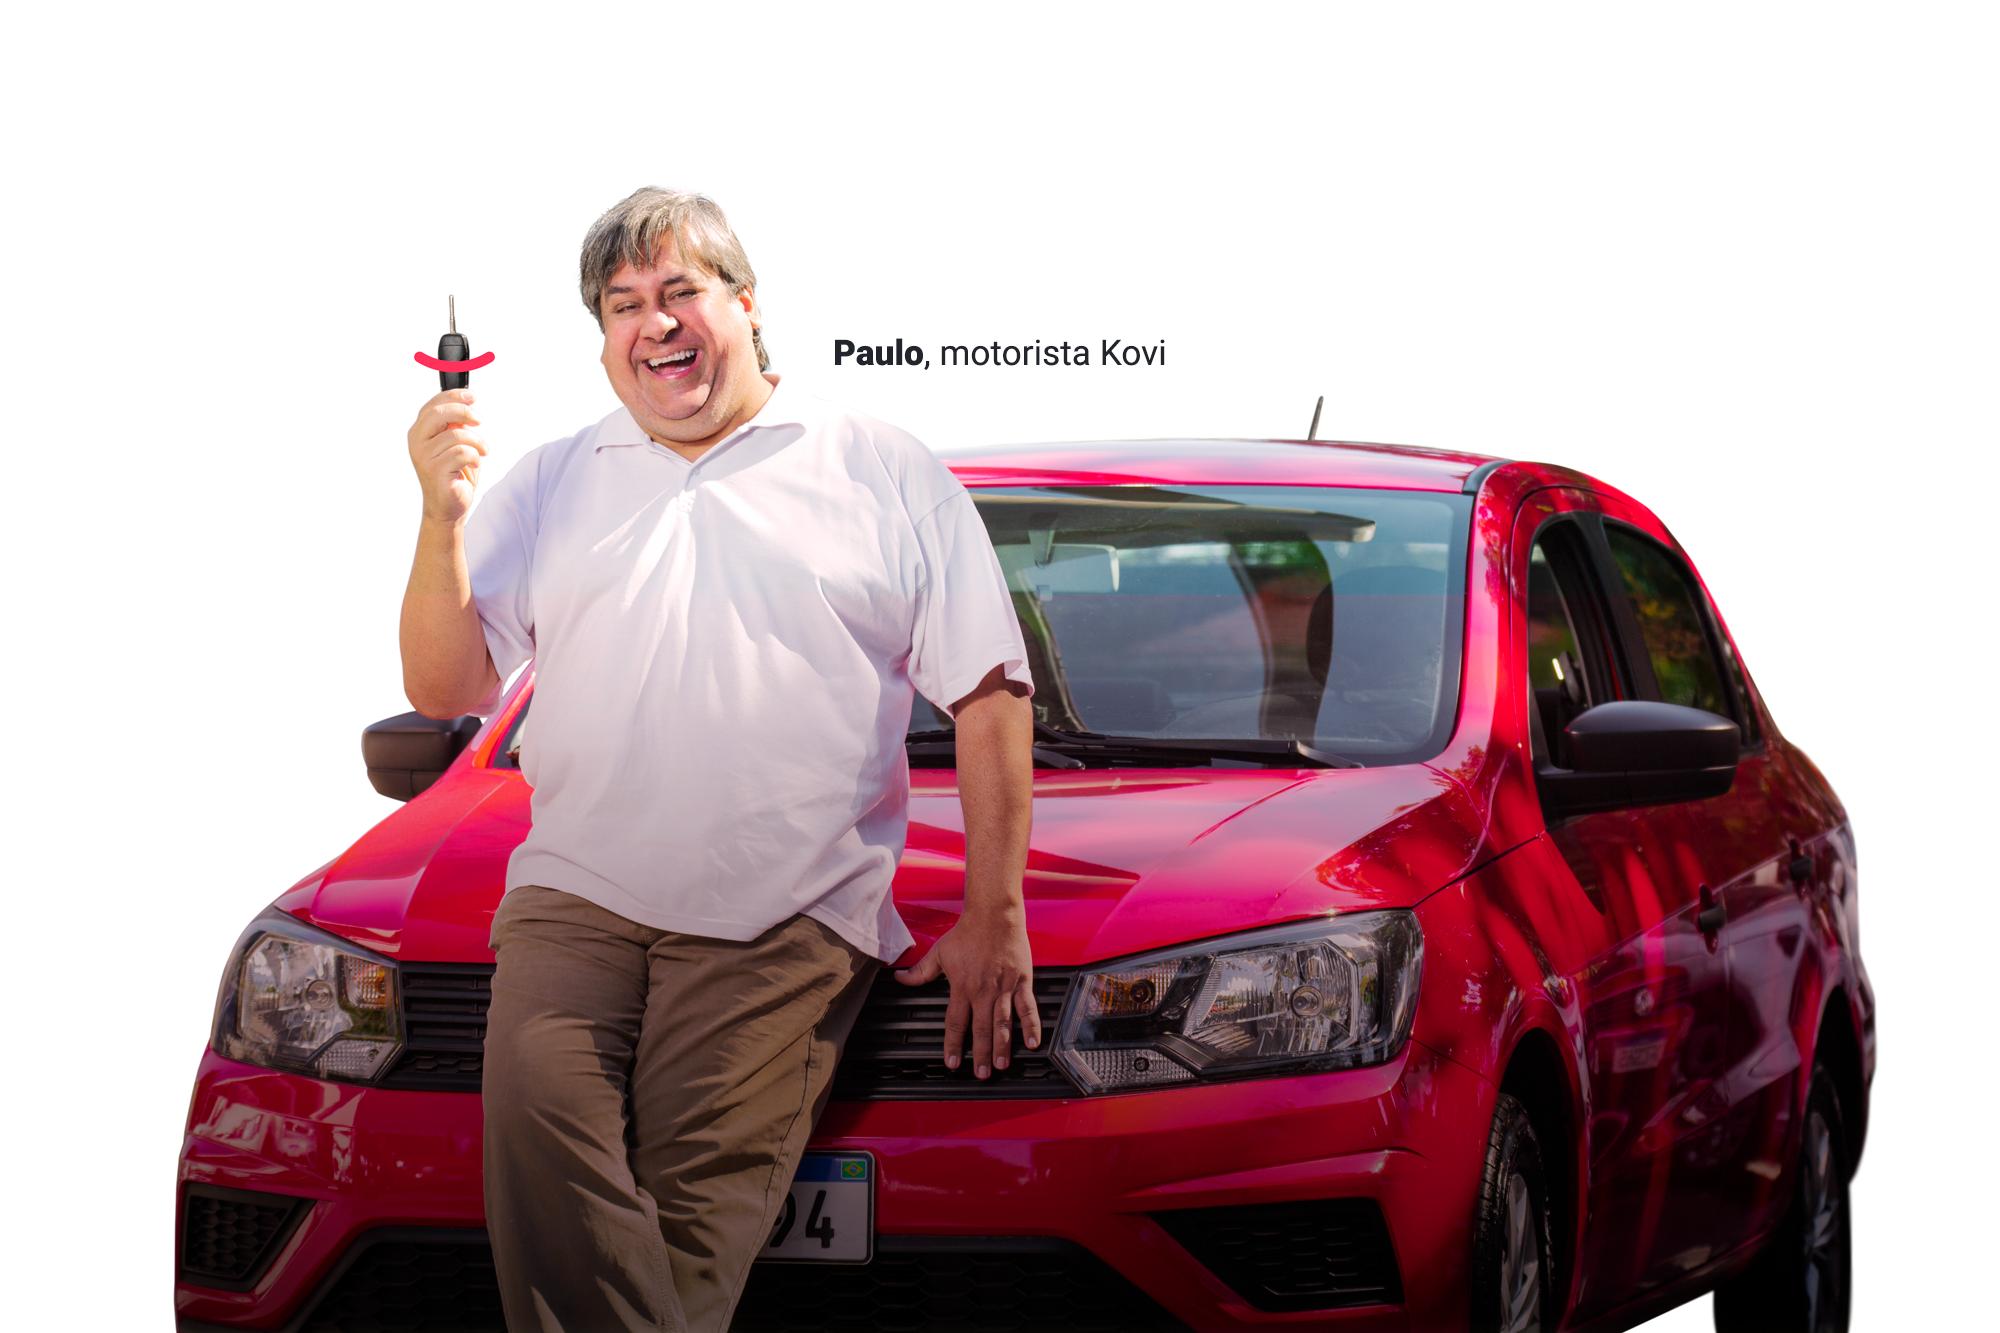 Motora Kovi Paulo sorrindo e segurando chave do seu Kovi.